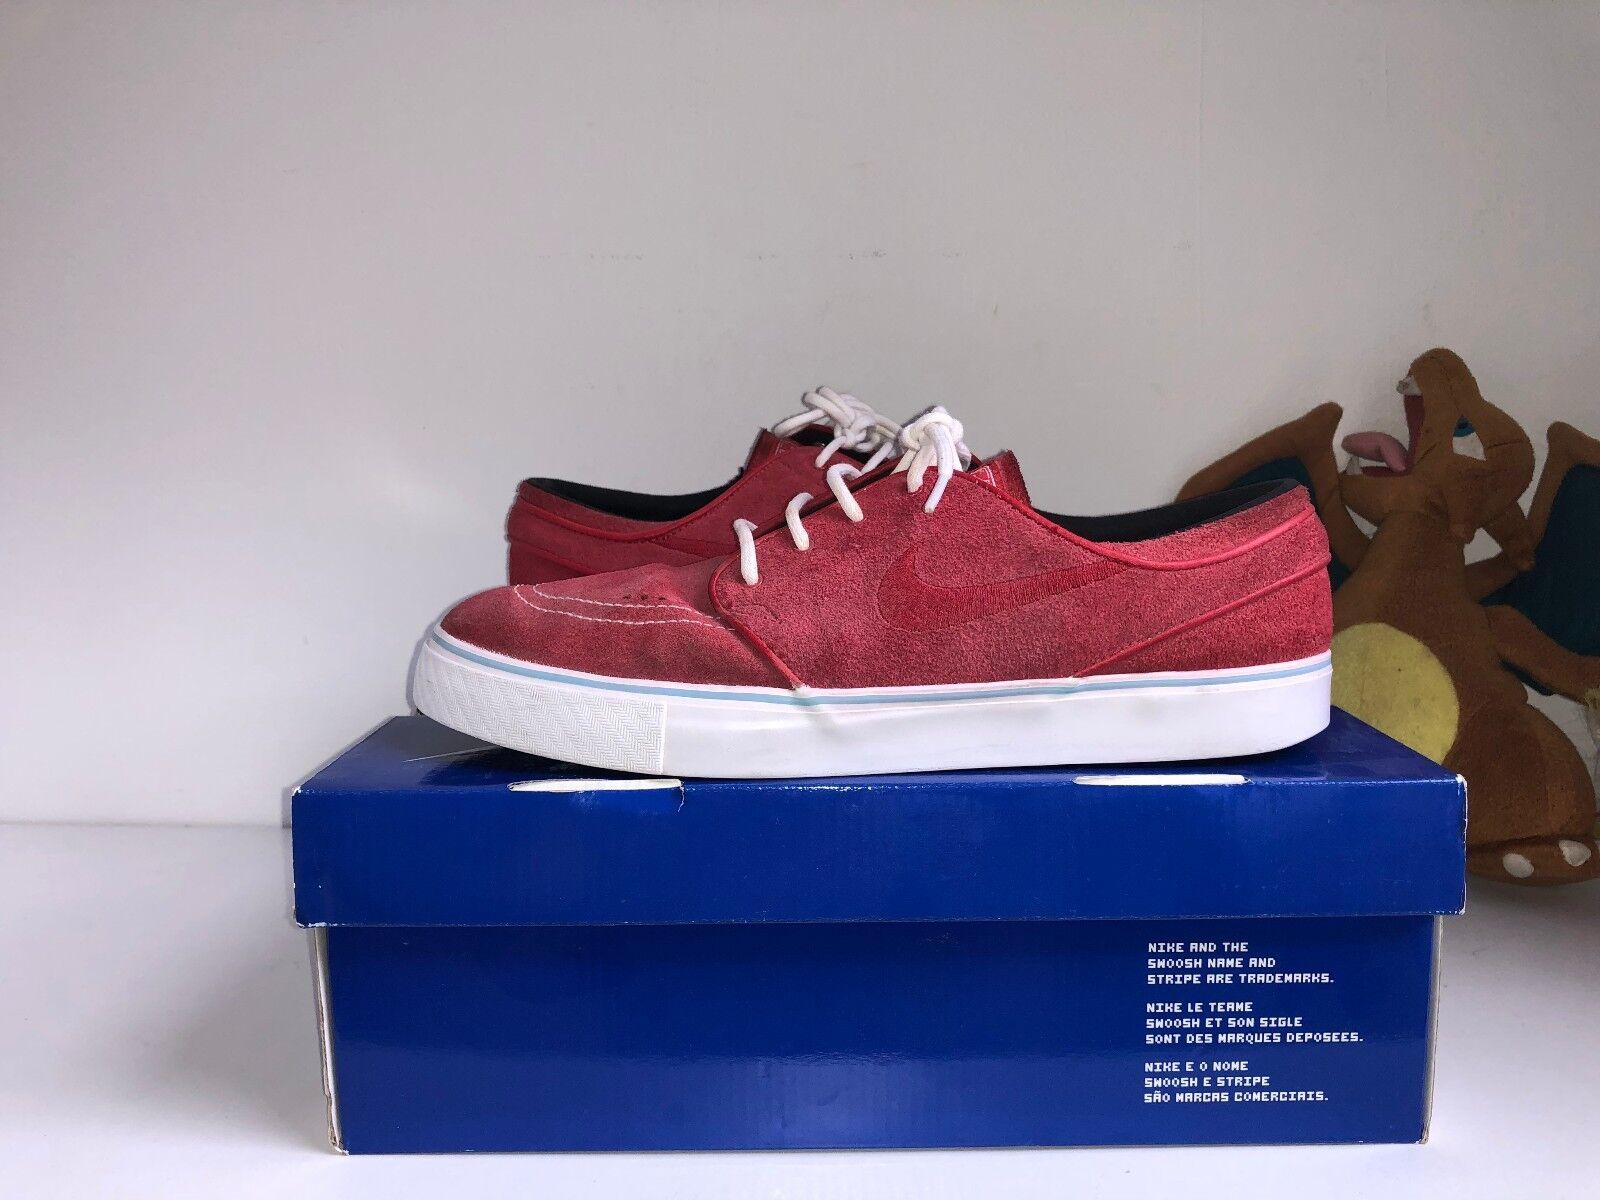 Nike Stefan Janoski rojo zapatillas rojo Janoski / Azul Precio temporada deportes la reducción de recortes de precios, beneficios de descuentos 0e9de7